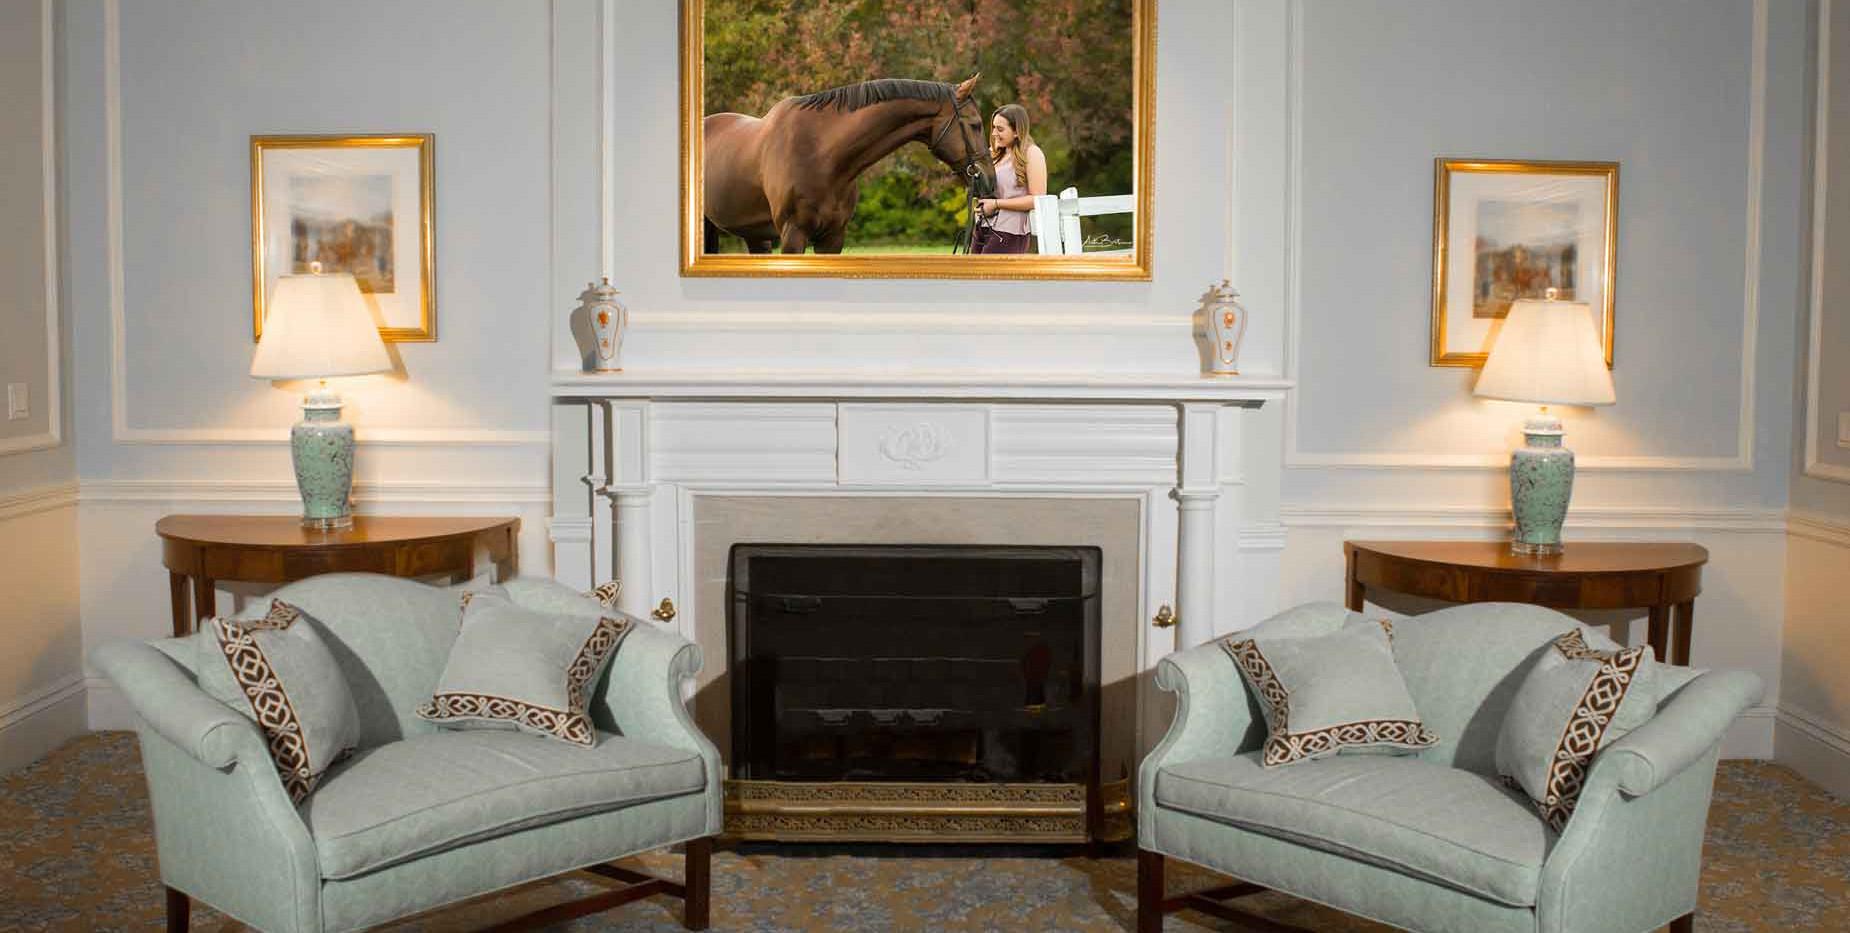 Formal living room - equestrian art